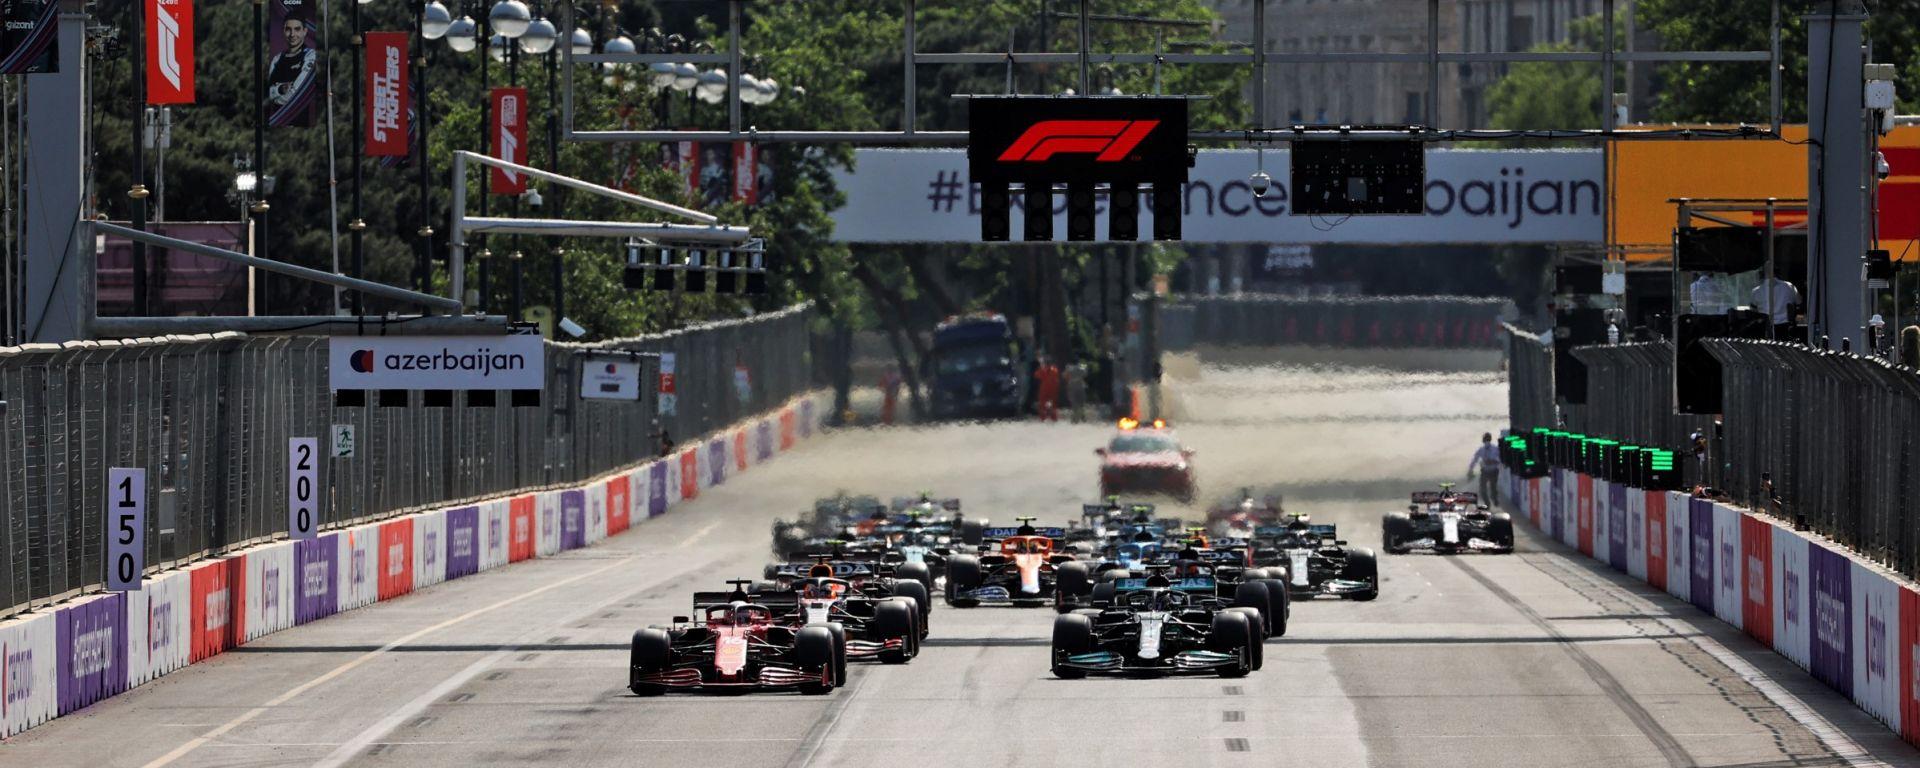 GP Azerbaijan 2021: ordine di arrivo e risultati